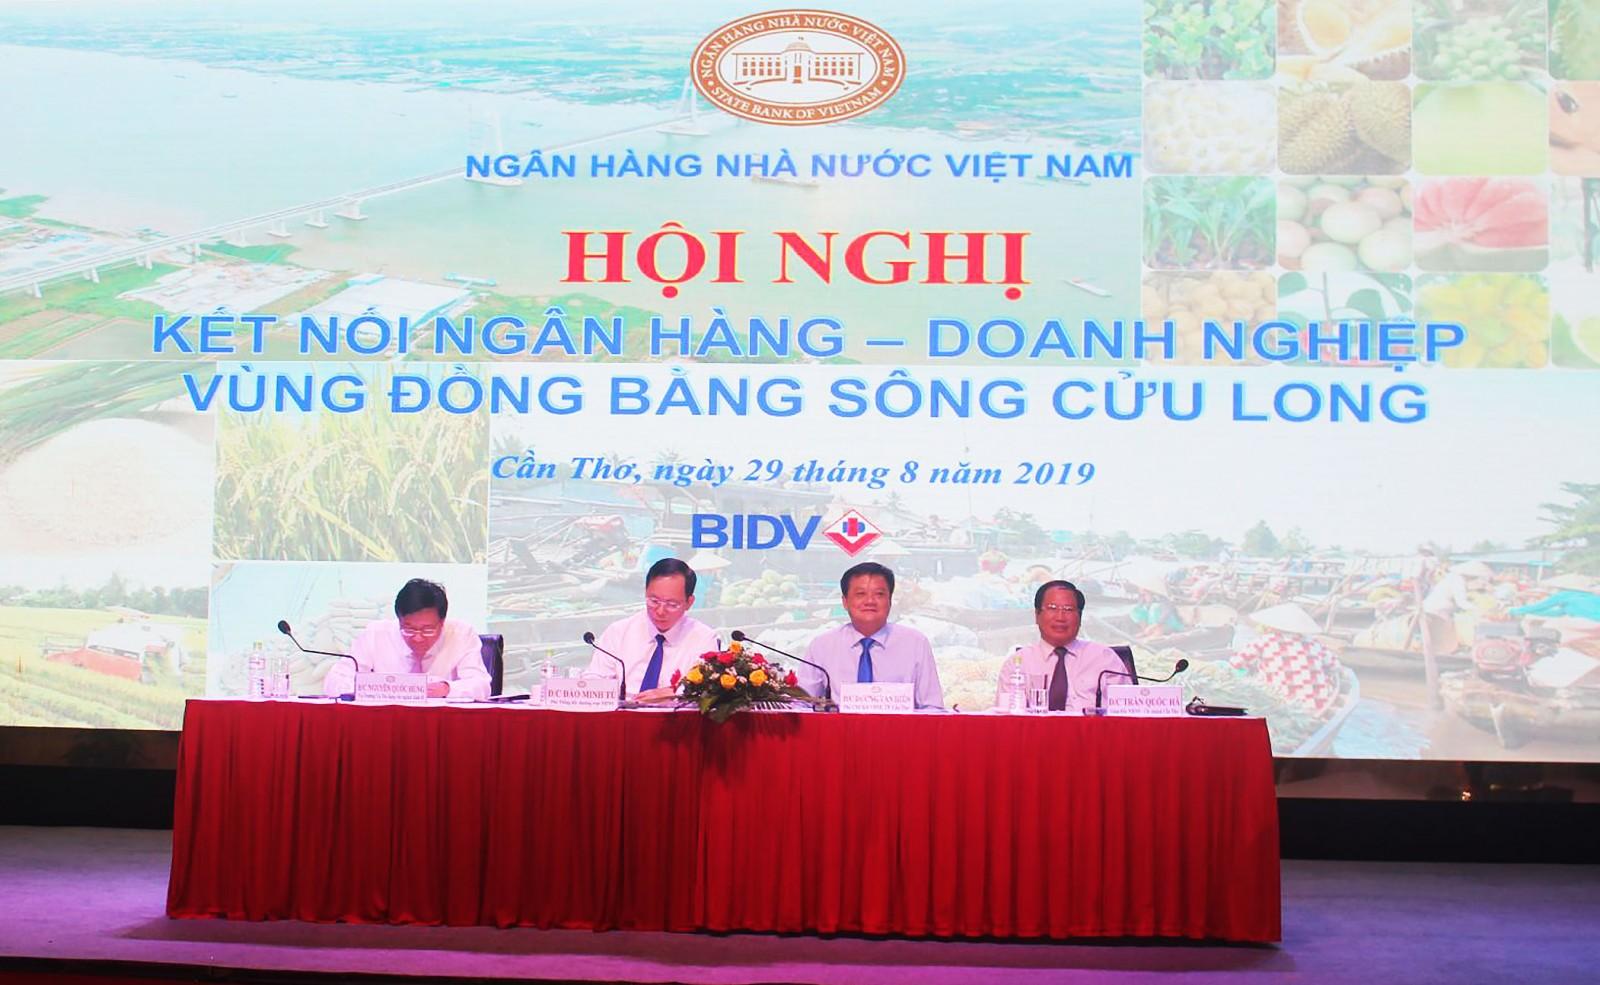 Phó Thống đốc Thường trực NHNN Đào Minh Tú (thứ 2 từ trái sang) chủ trì hội nghị và lắng nghe ý kiến phát biểu từ ngân hàng, doanh nghiệp.